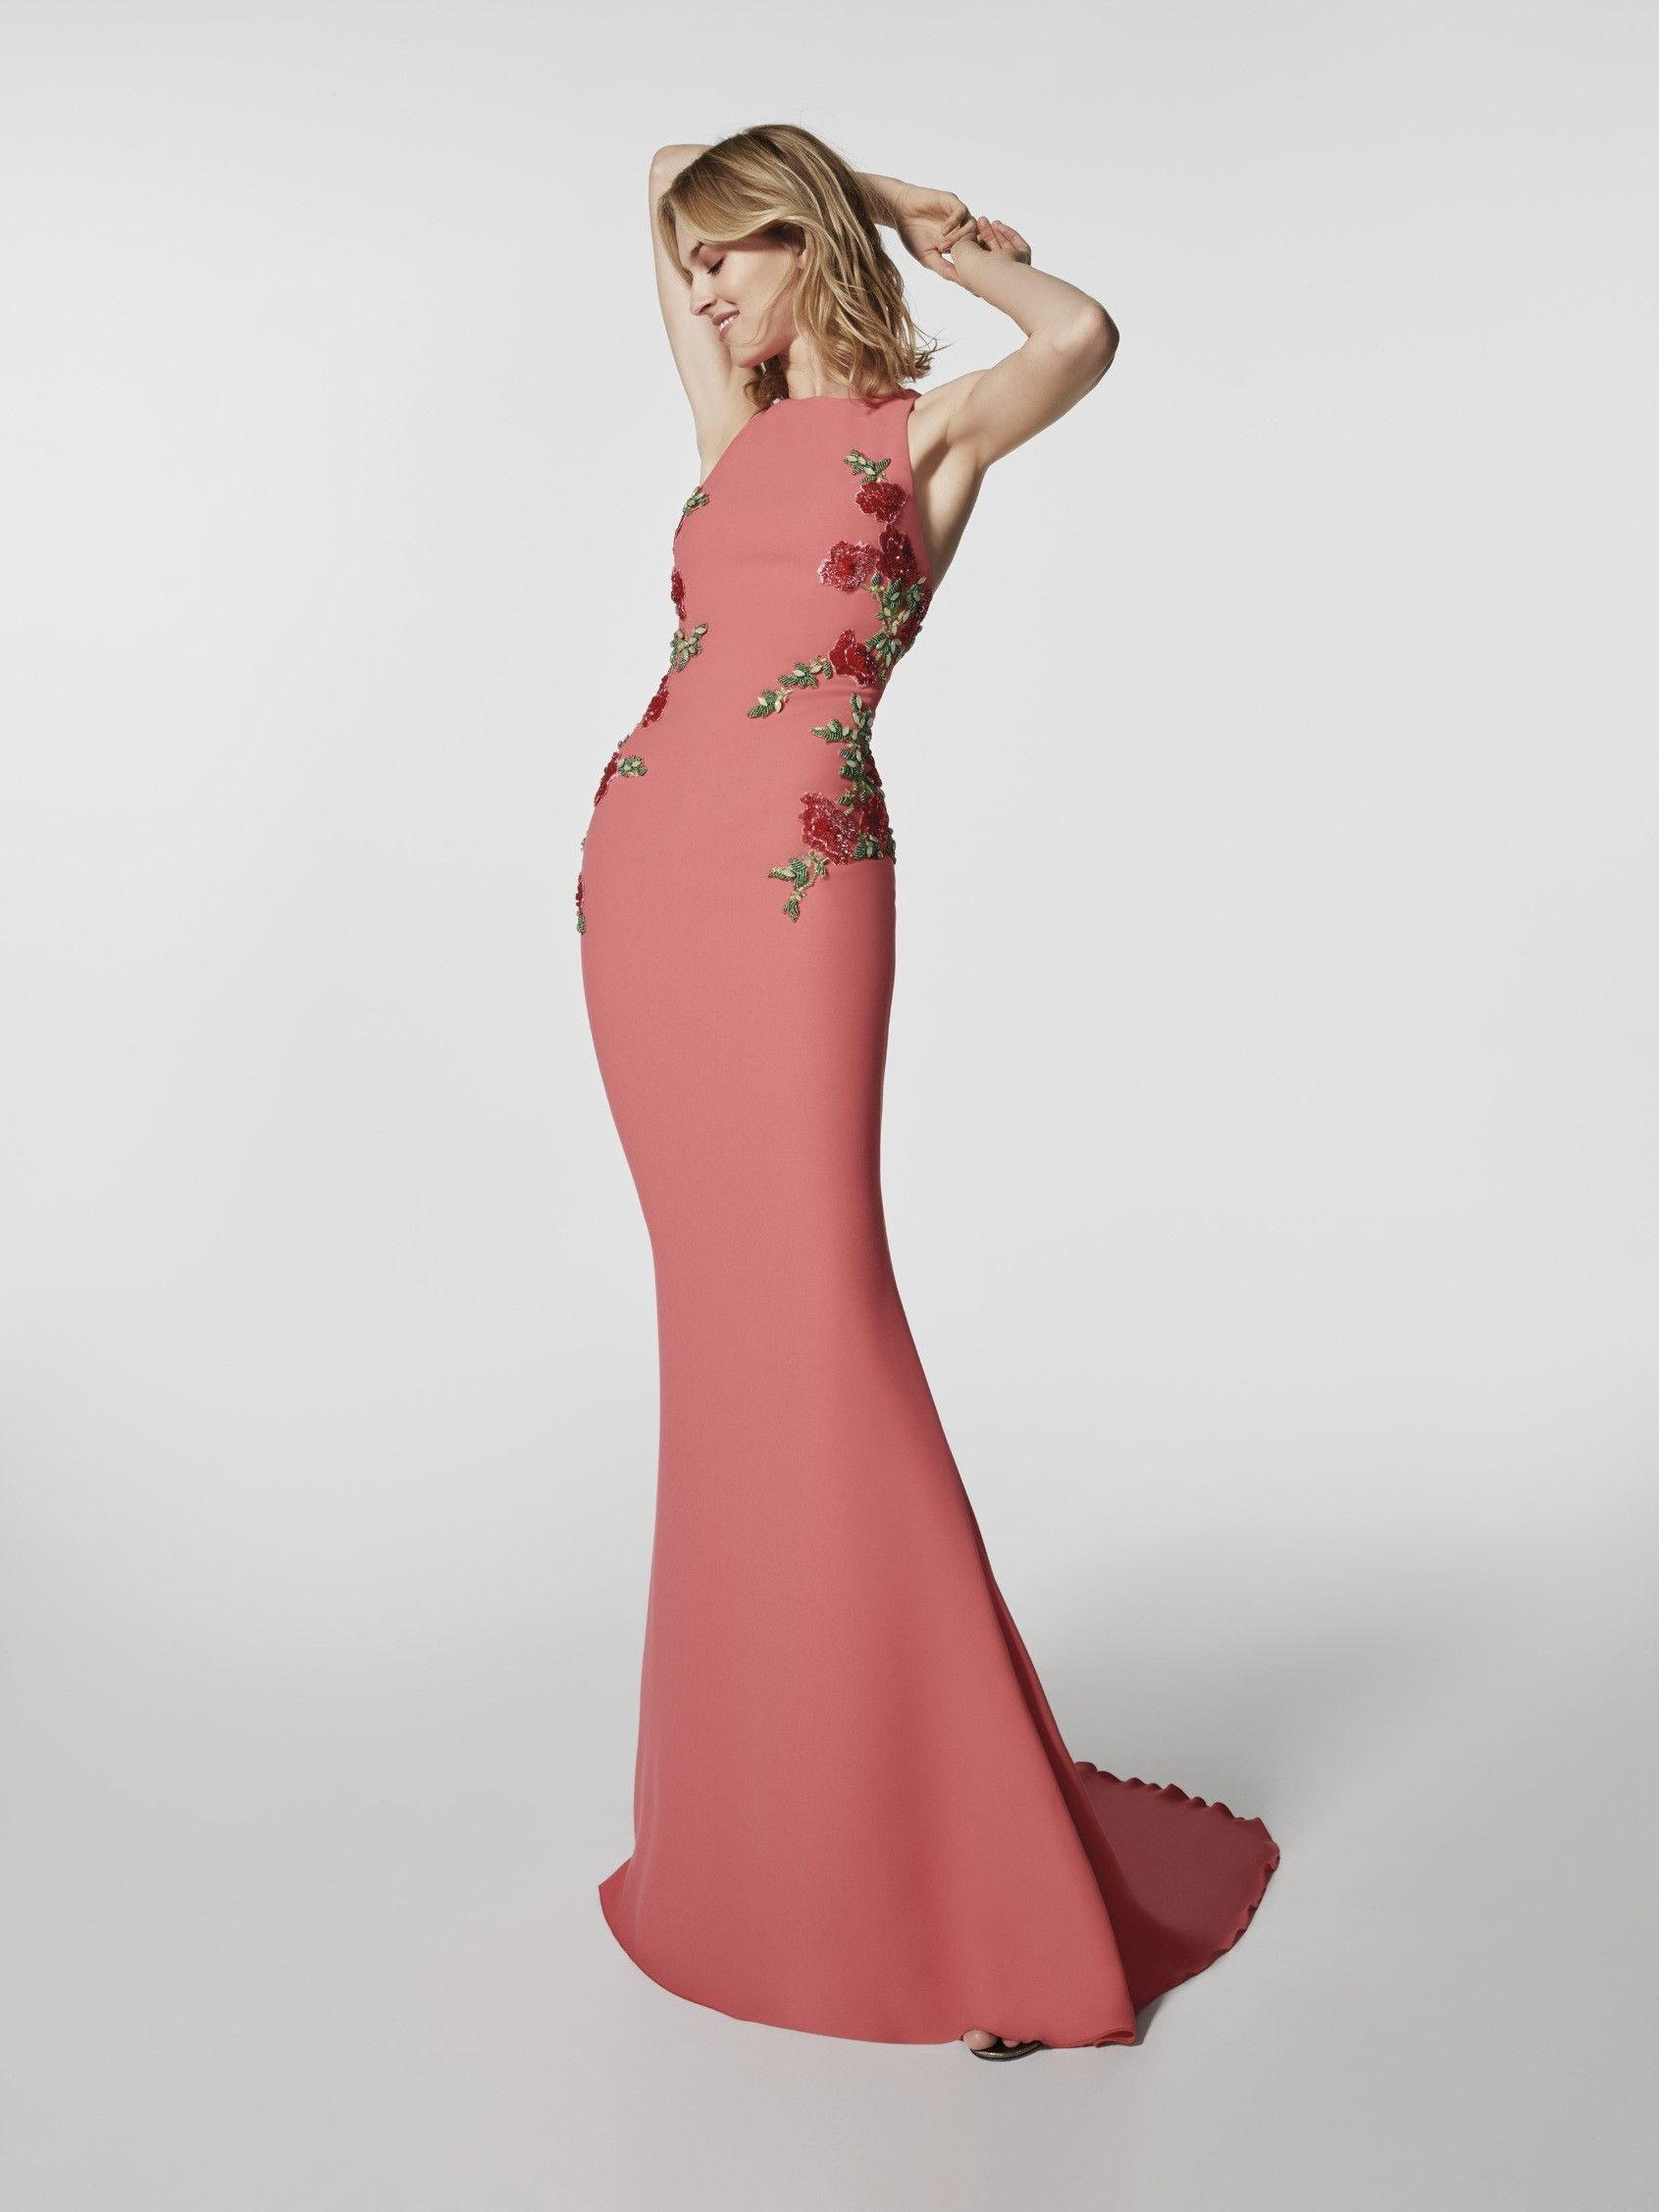 Designer Schön Suche Abendkleid Für Hochzeit Design - Abendkleid